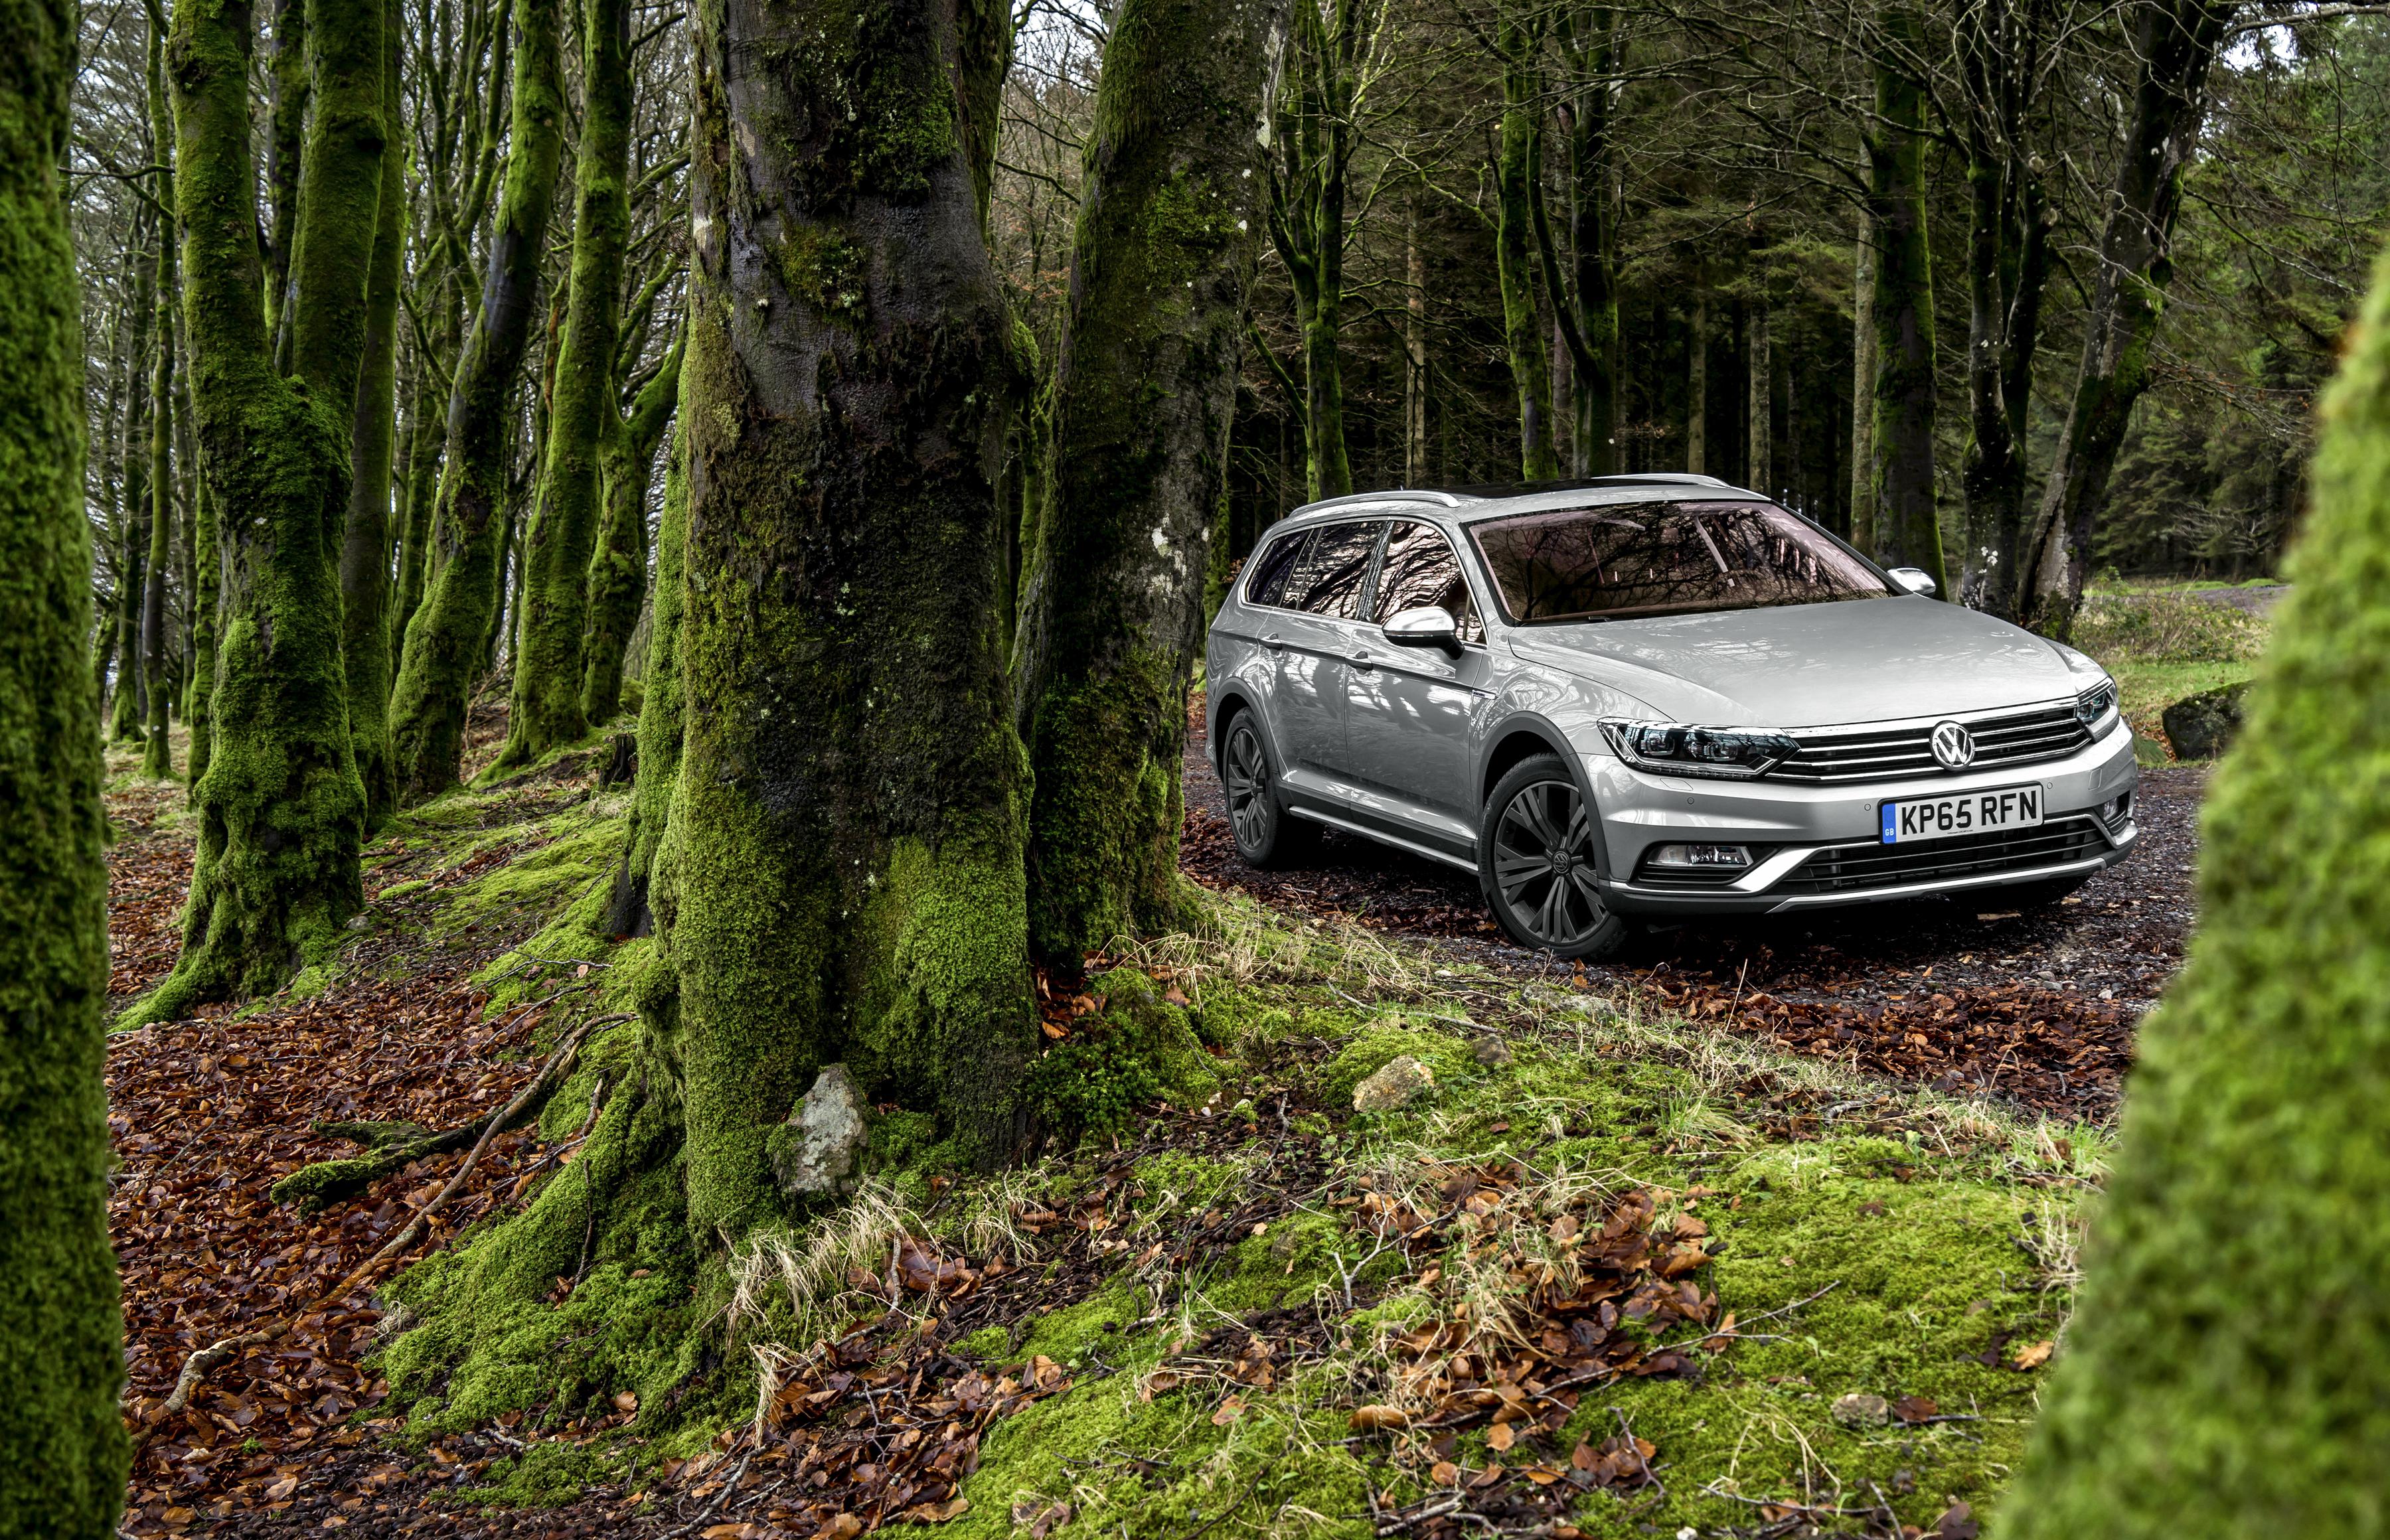 формы машина в лесу картинка для главная особенность климата